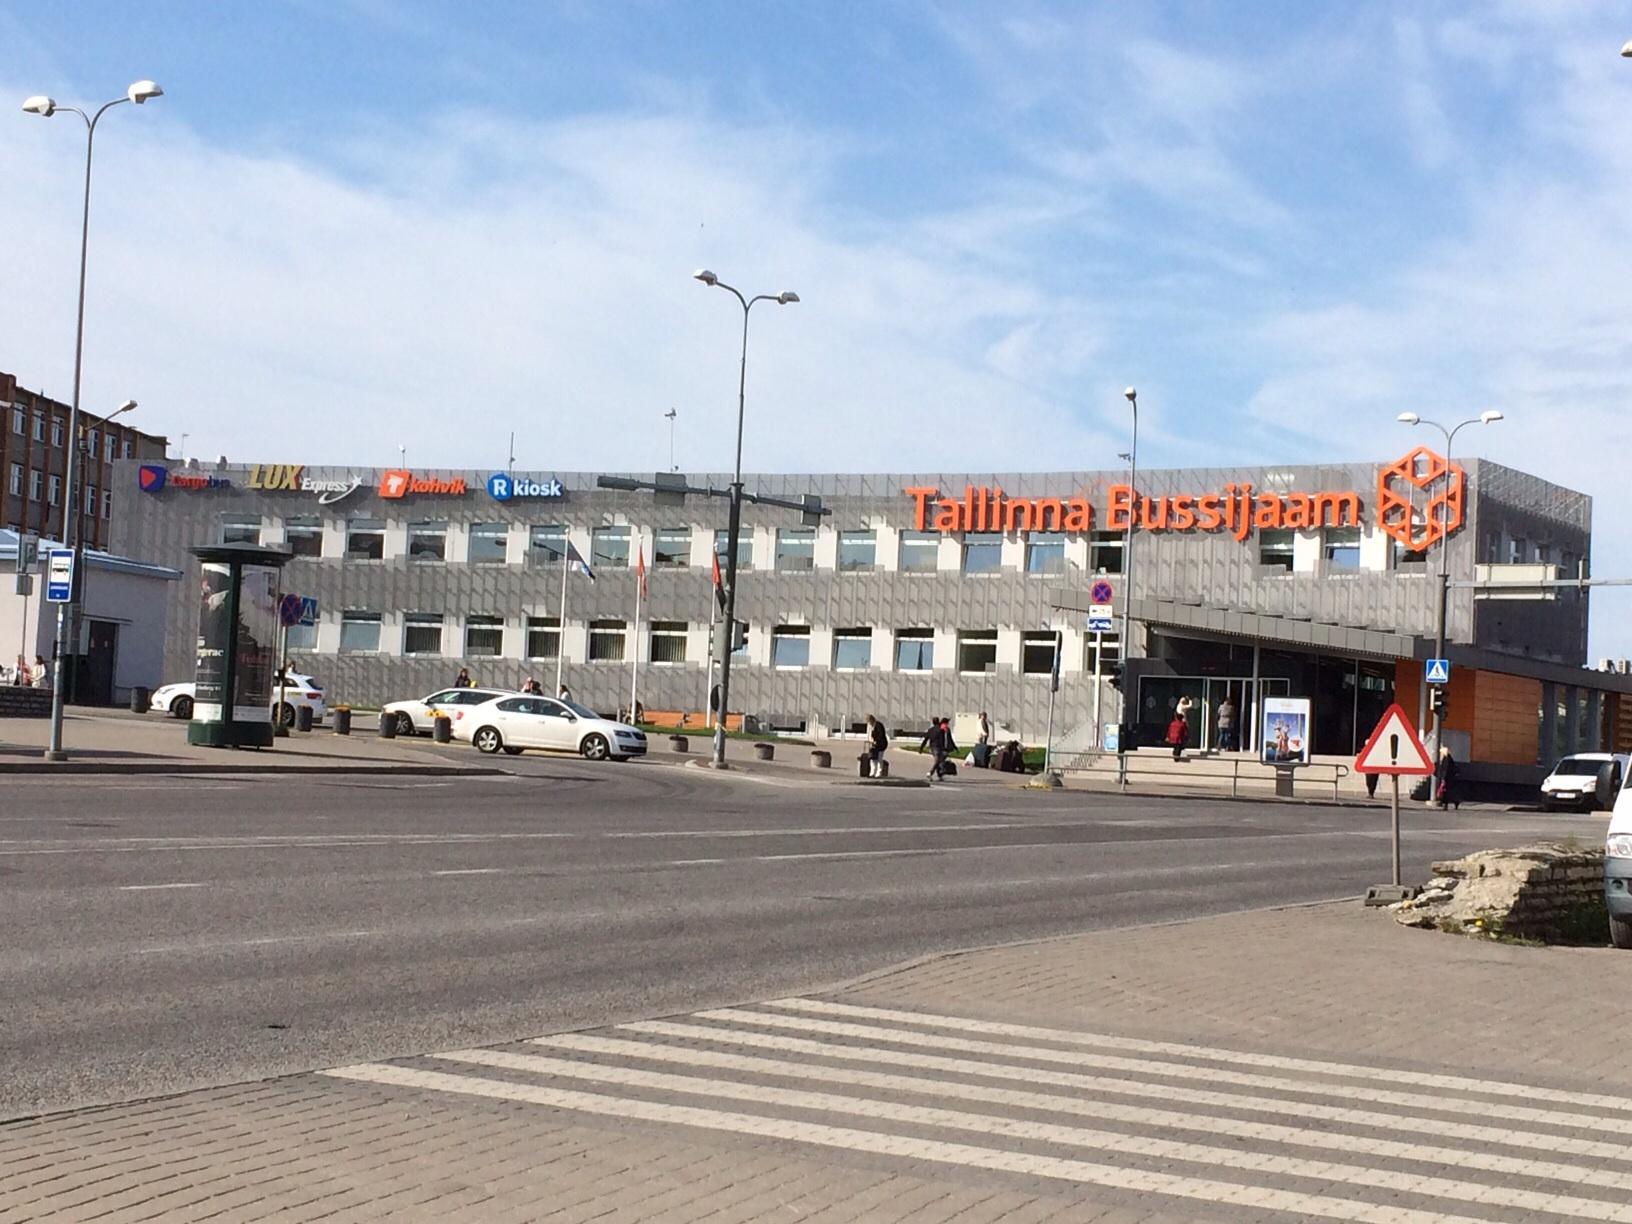 Tallinna Riika